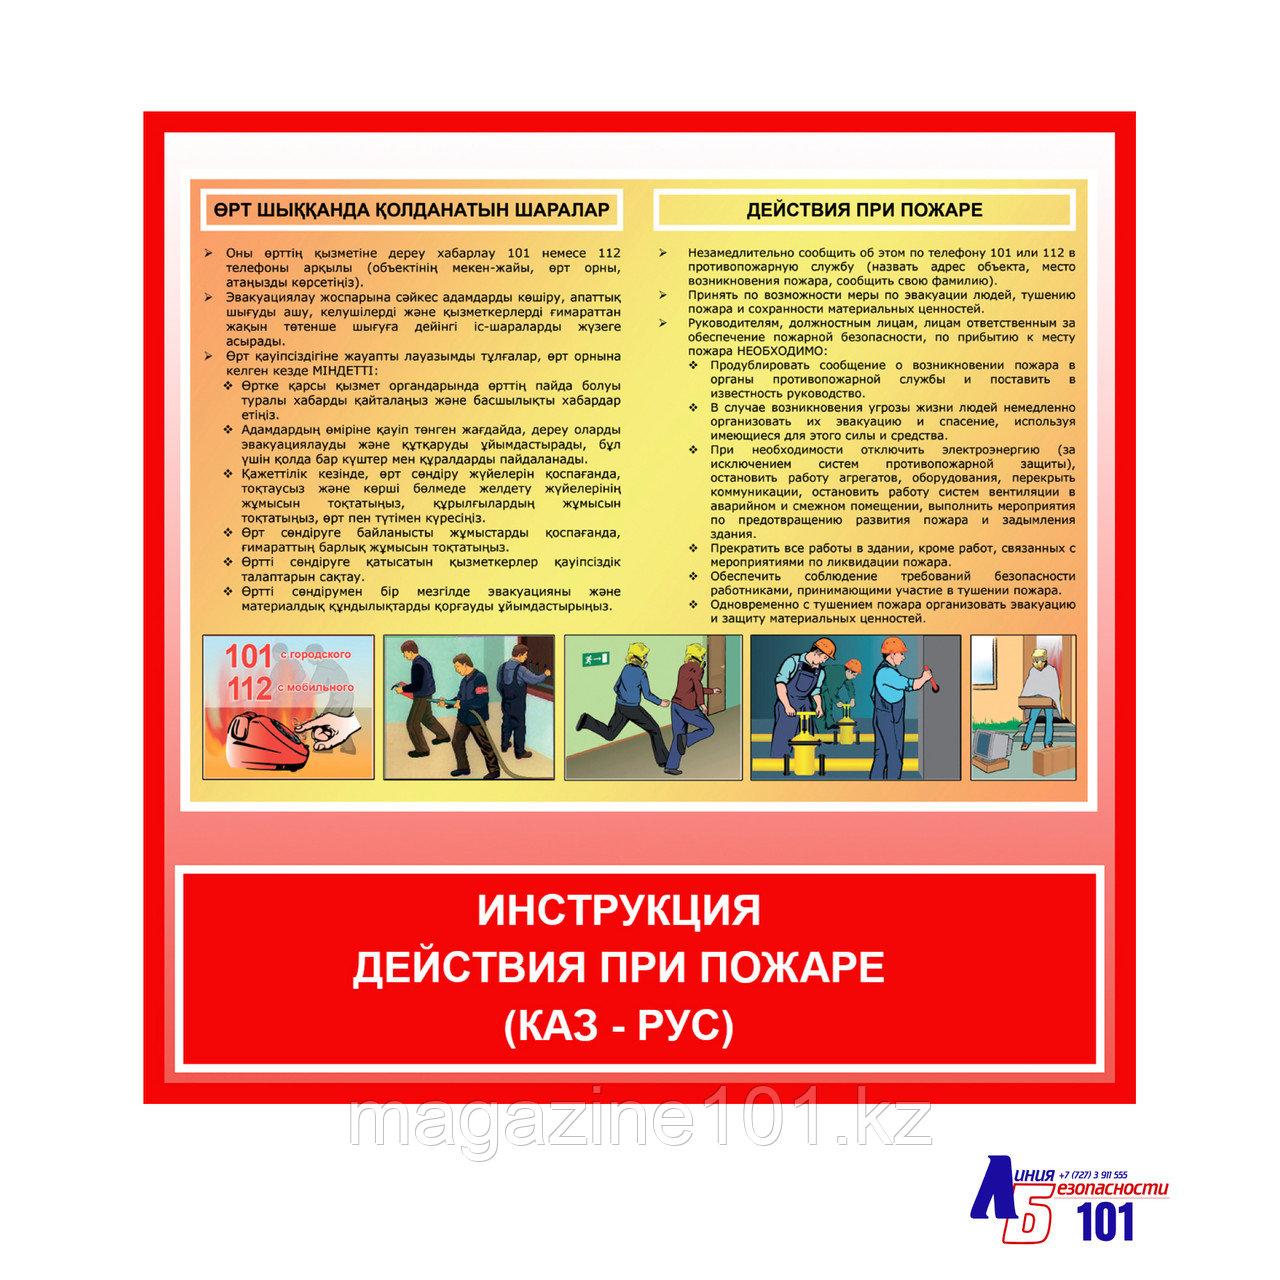 """Плакат """"Инструкция - Действия при пожаре"""" (каз - рус)"""